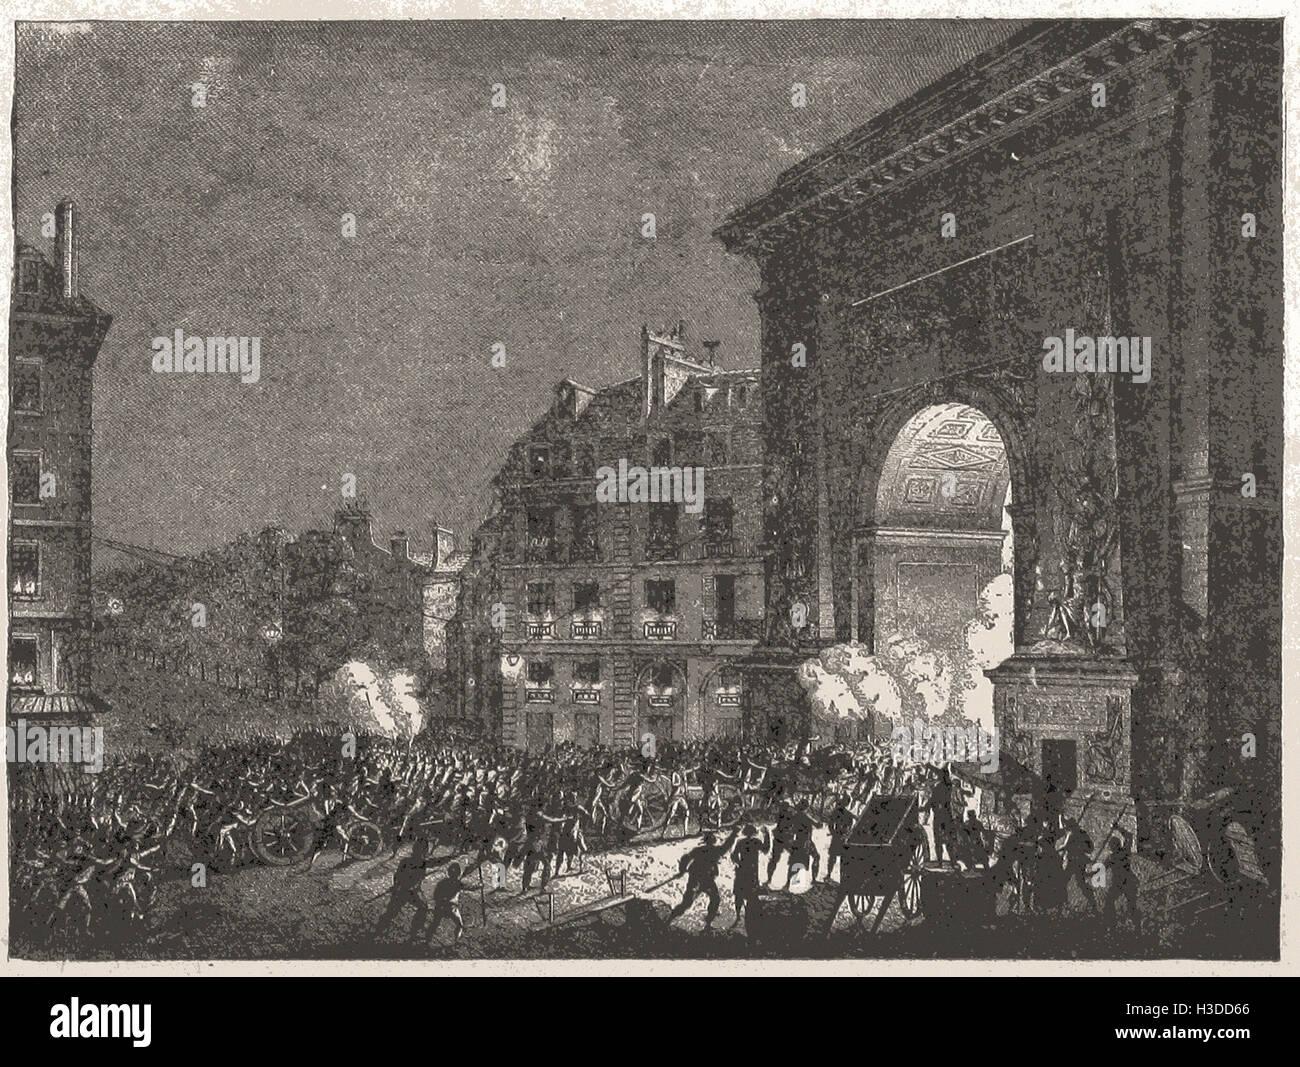 DIE MENSCHEN SAMMELN ARME IN DER NACHT, PARIS, 13. JULI 1789 Stockbild